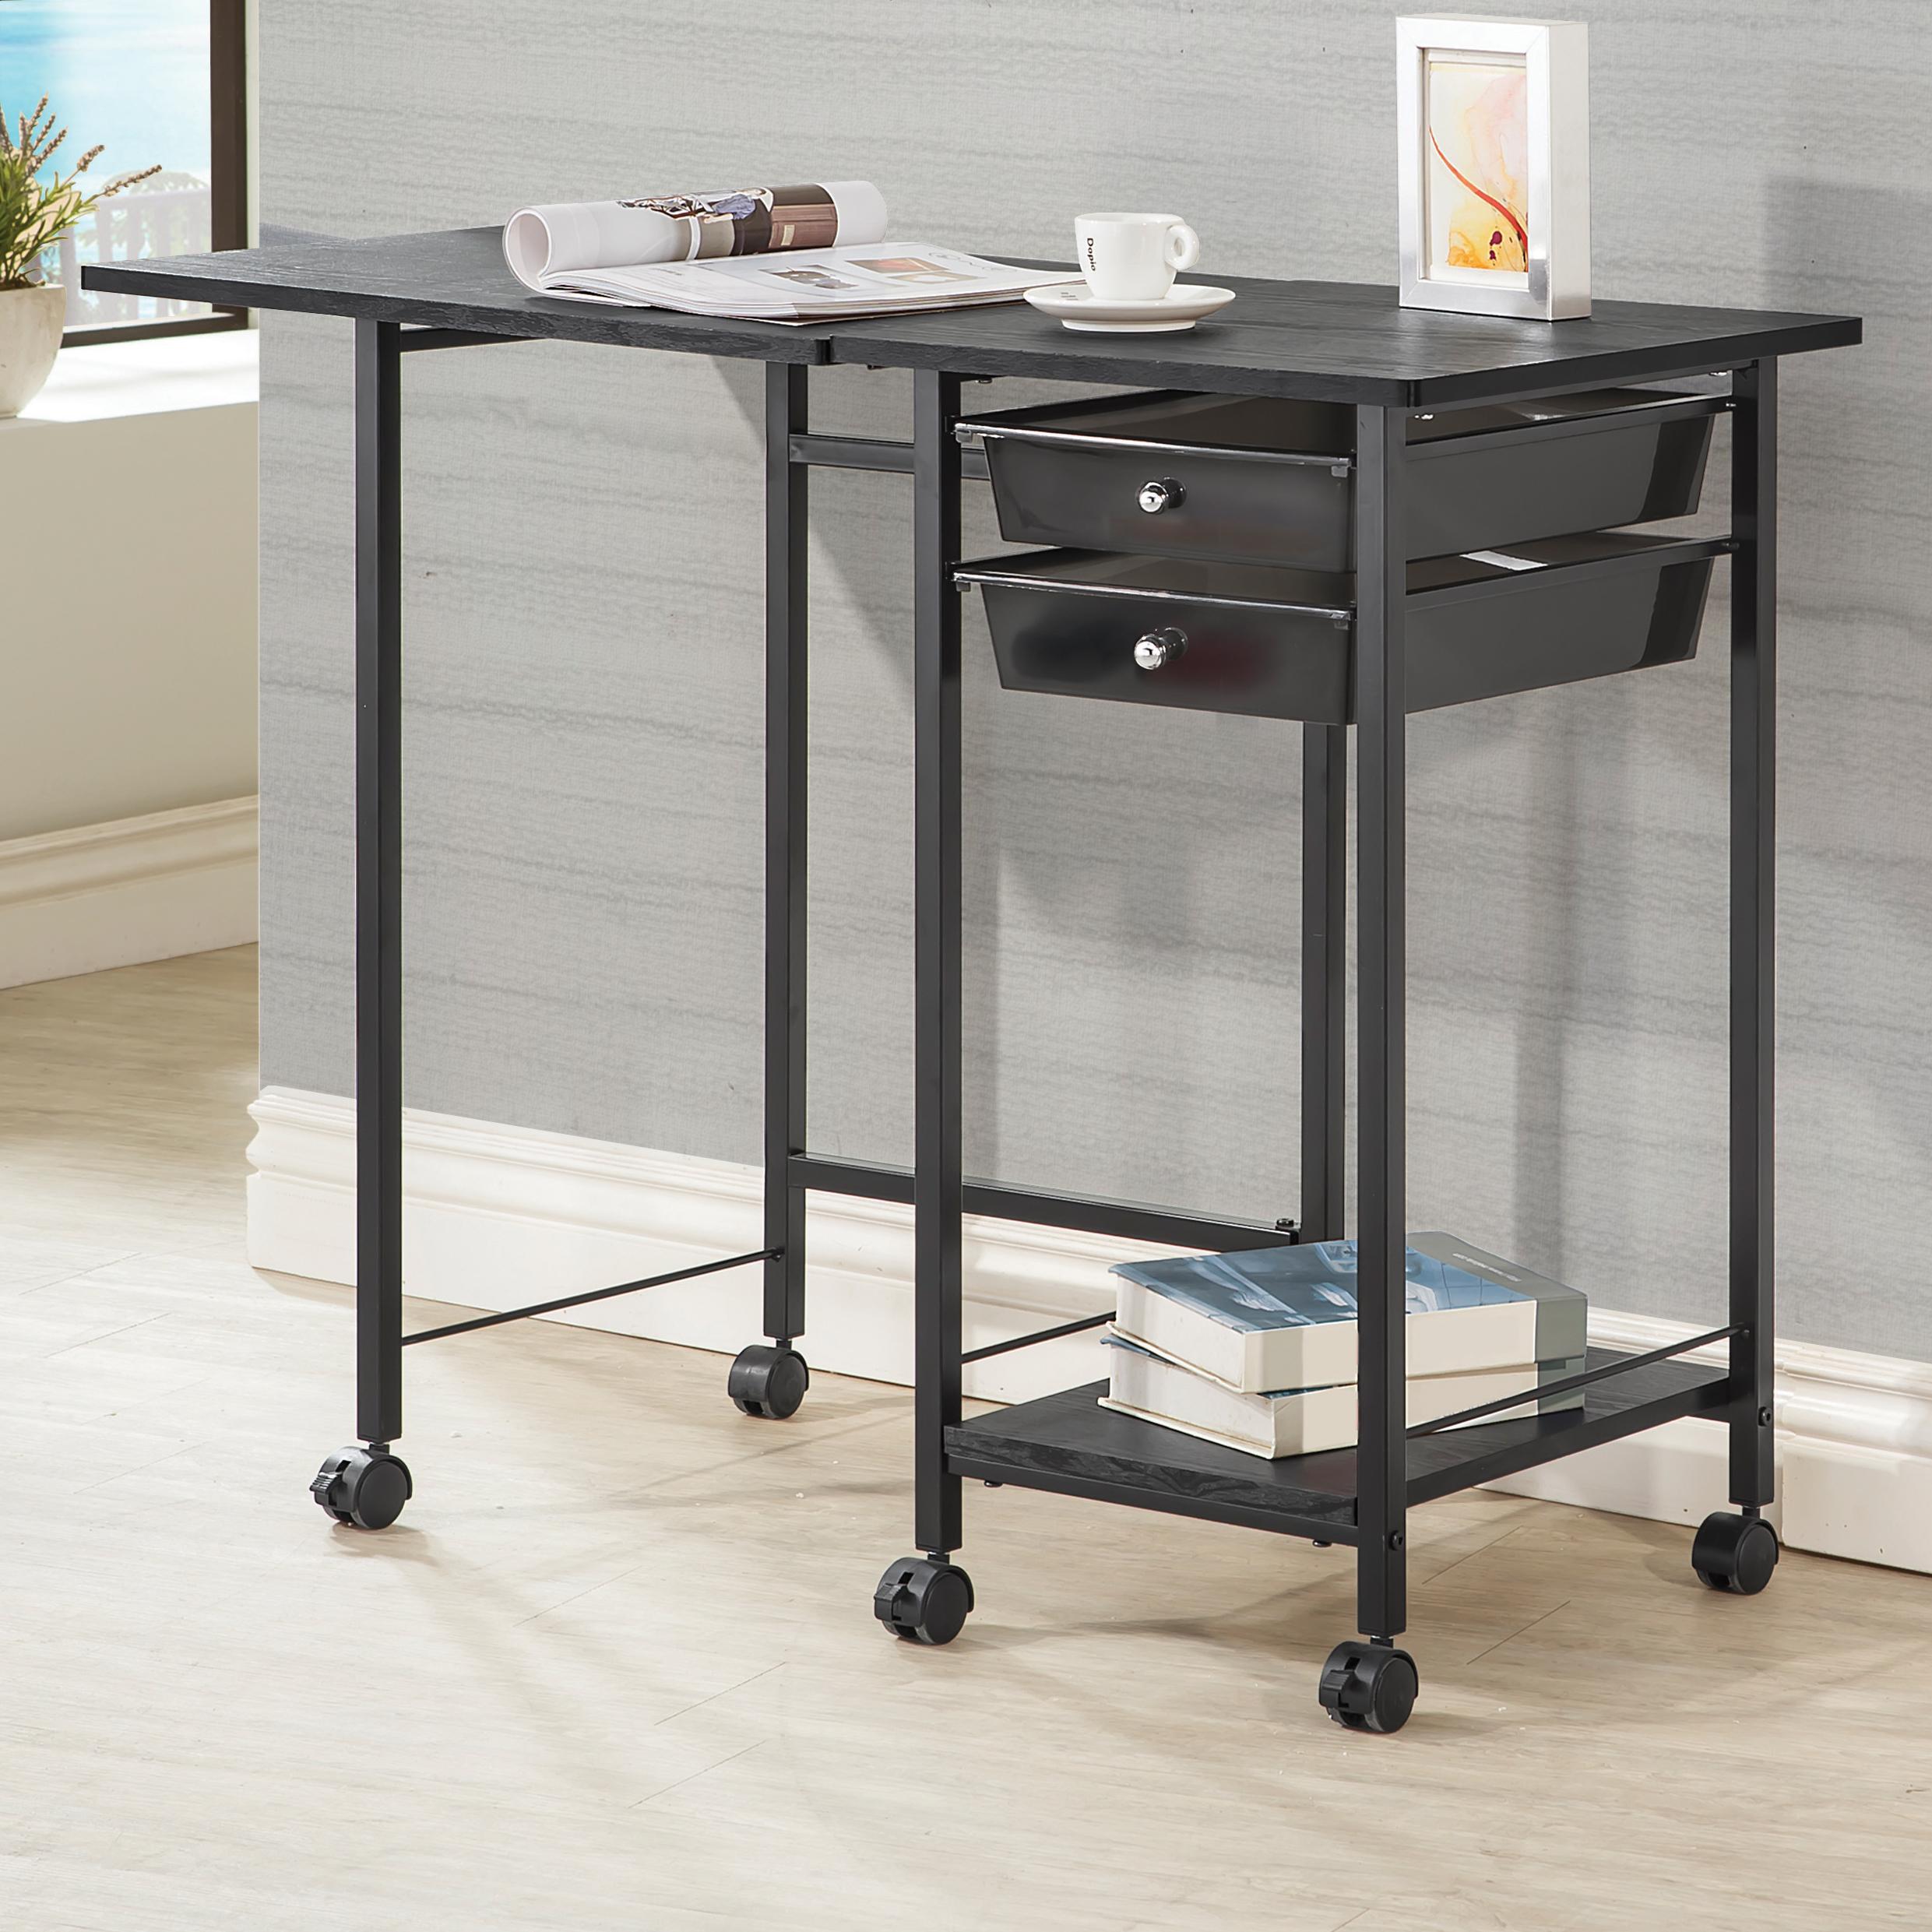 Coaster Desks Folding Desk - Item Number: 800429